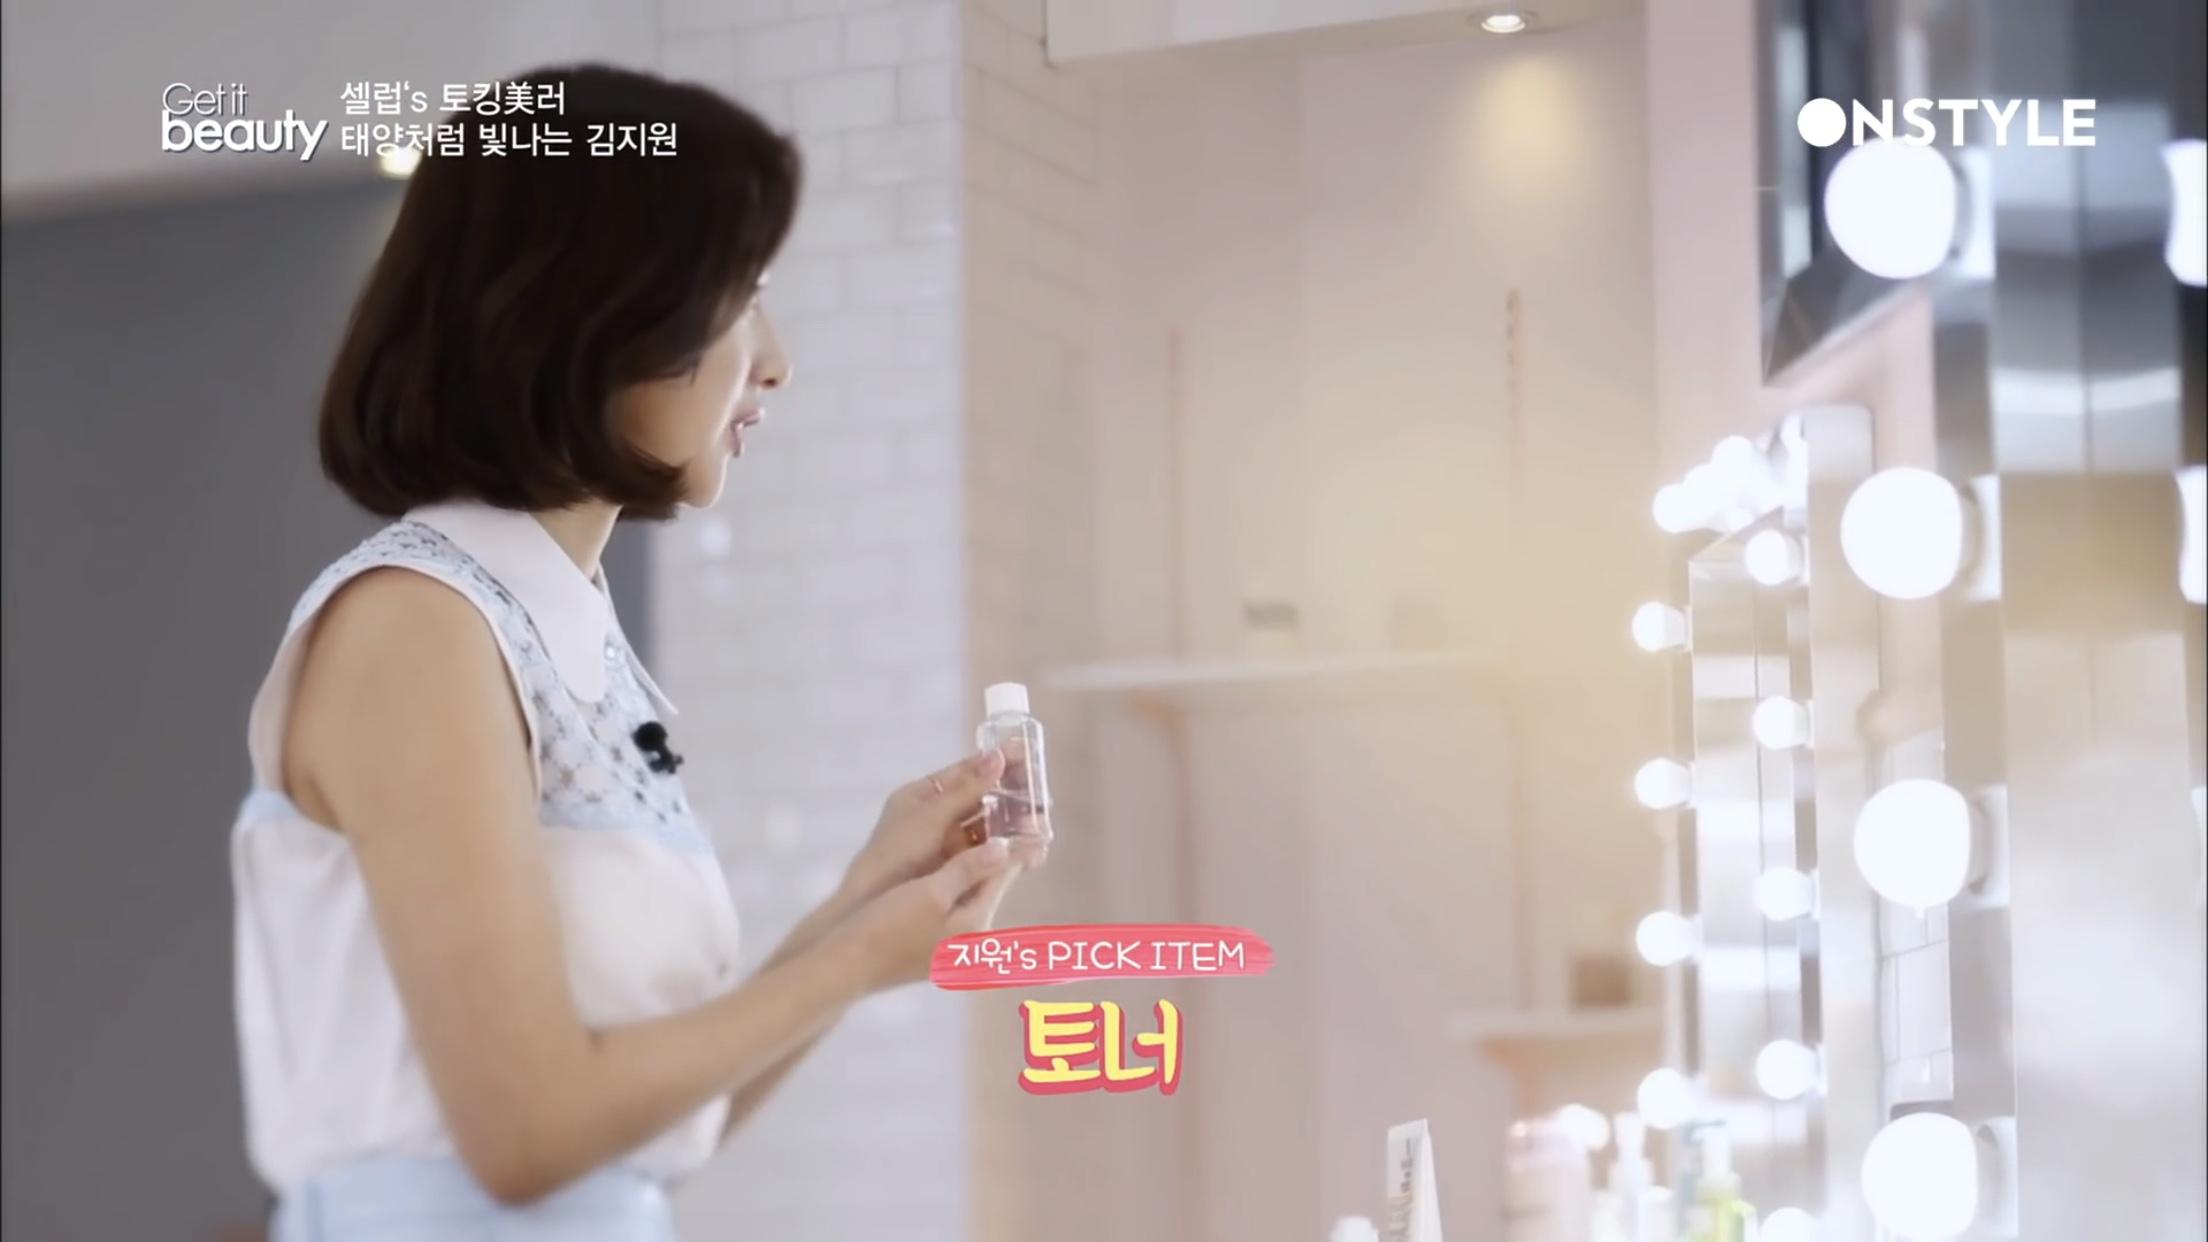 キム・ジウォン 化粧水